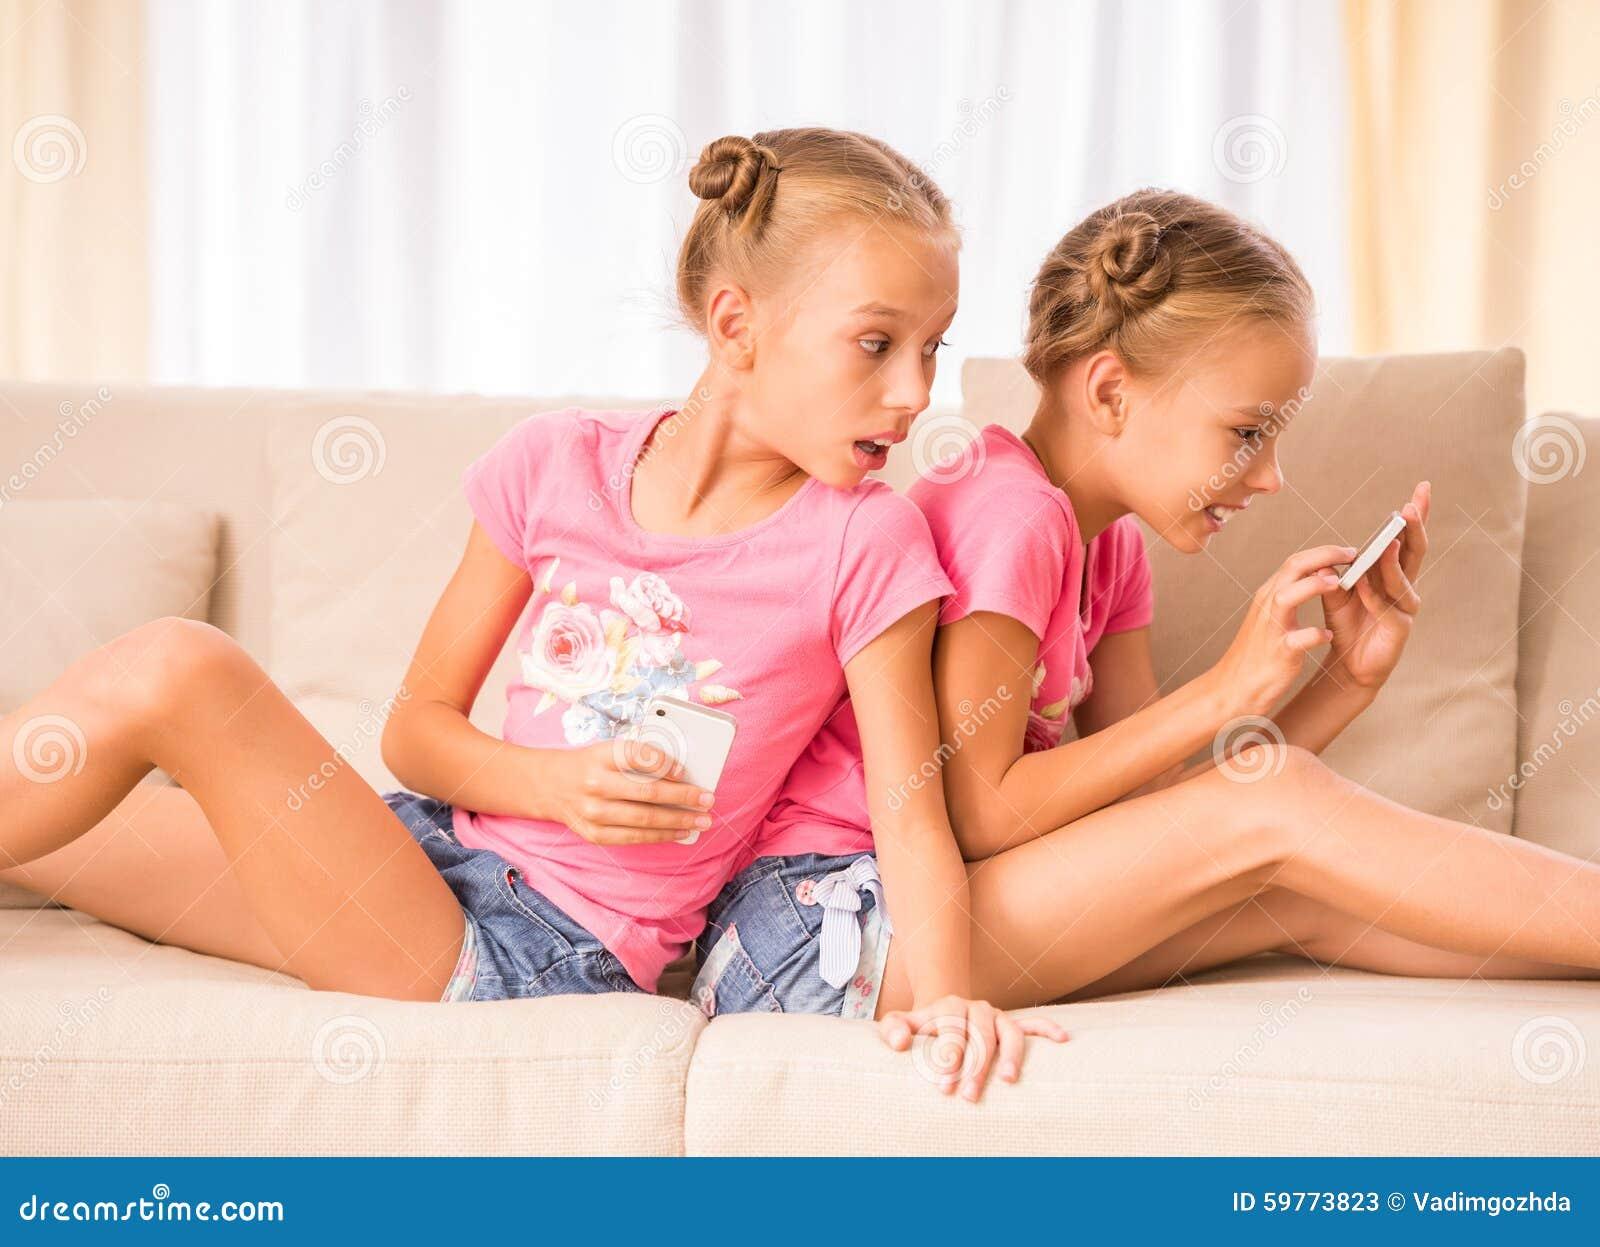 Смотреть порно учатся сексу брат с сестрой, У брата и сестры одна комната на двоих - видео ролик 25 фотография